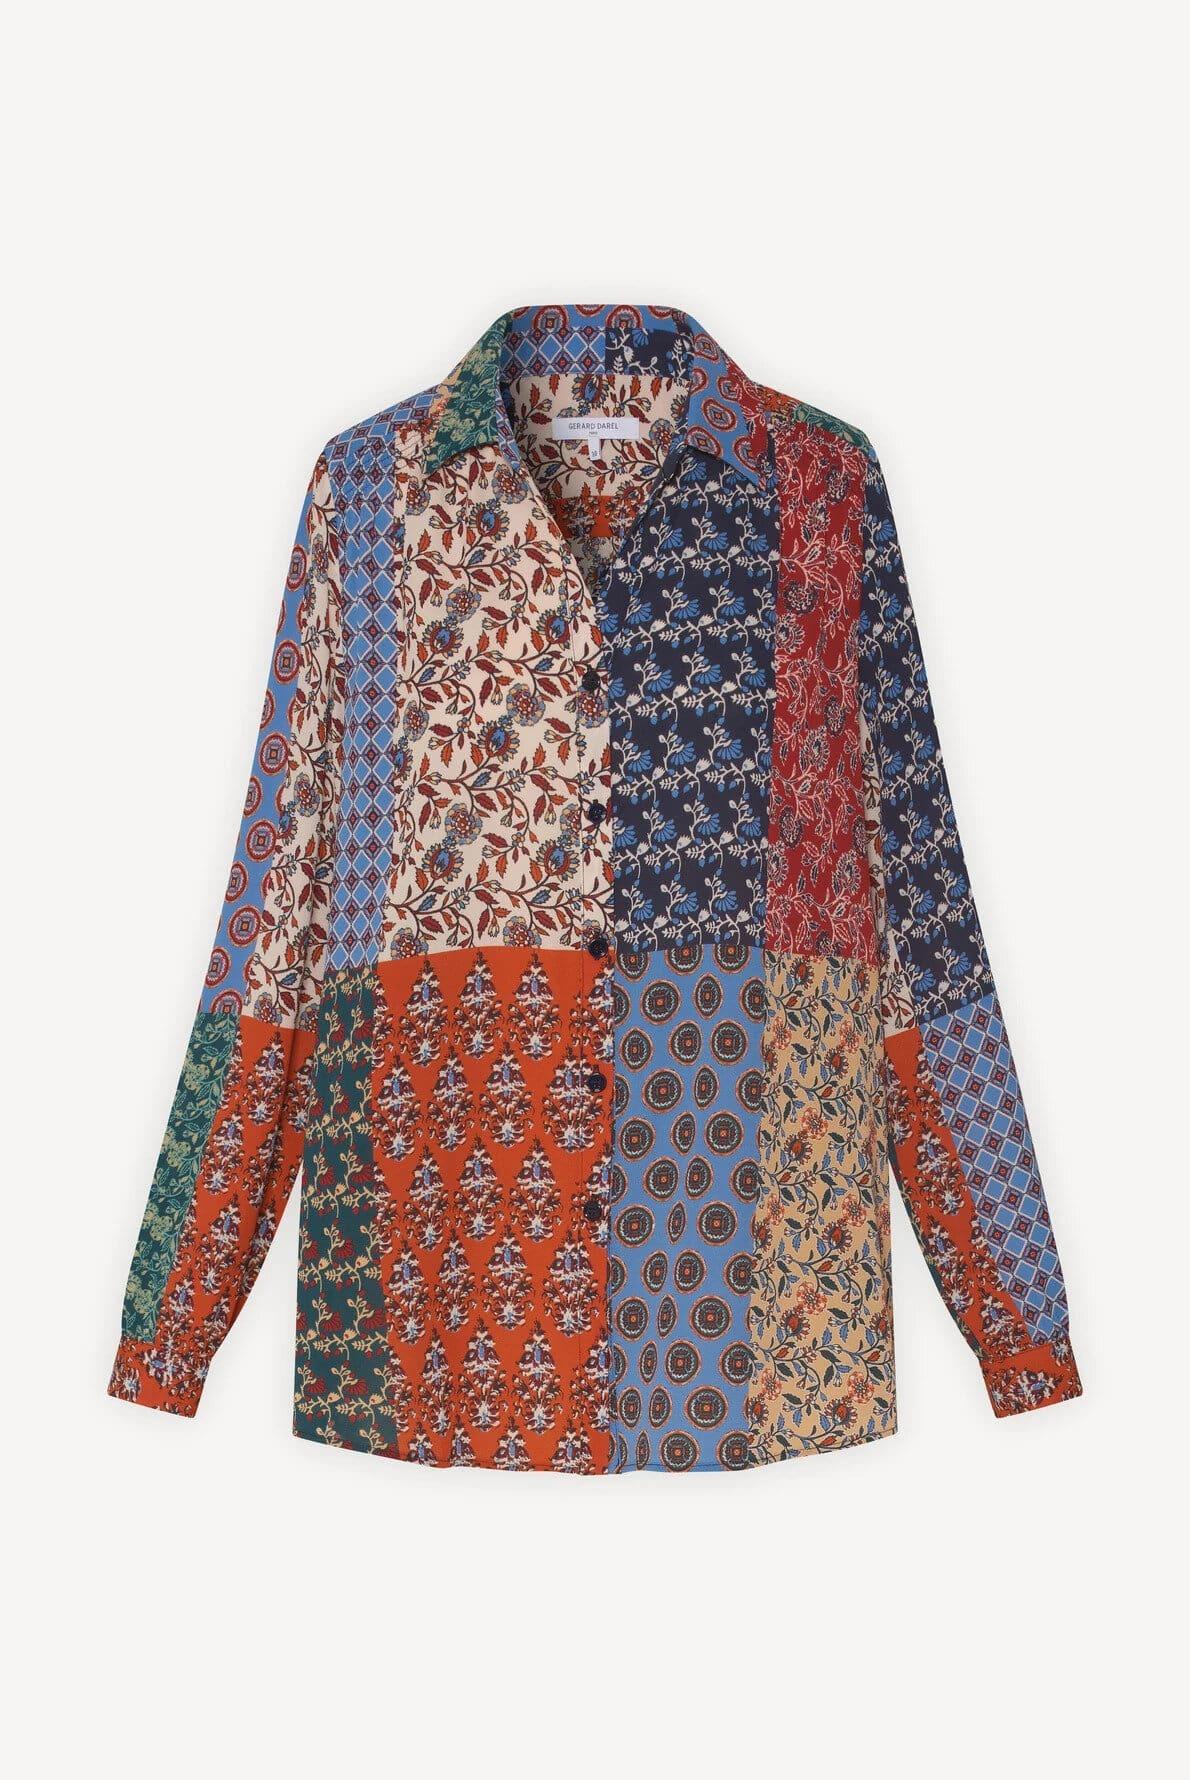 NICKY - Свободная блуза со сборкой